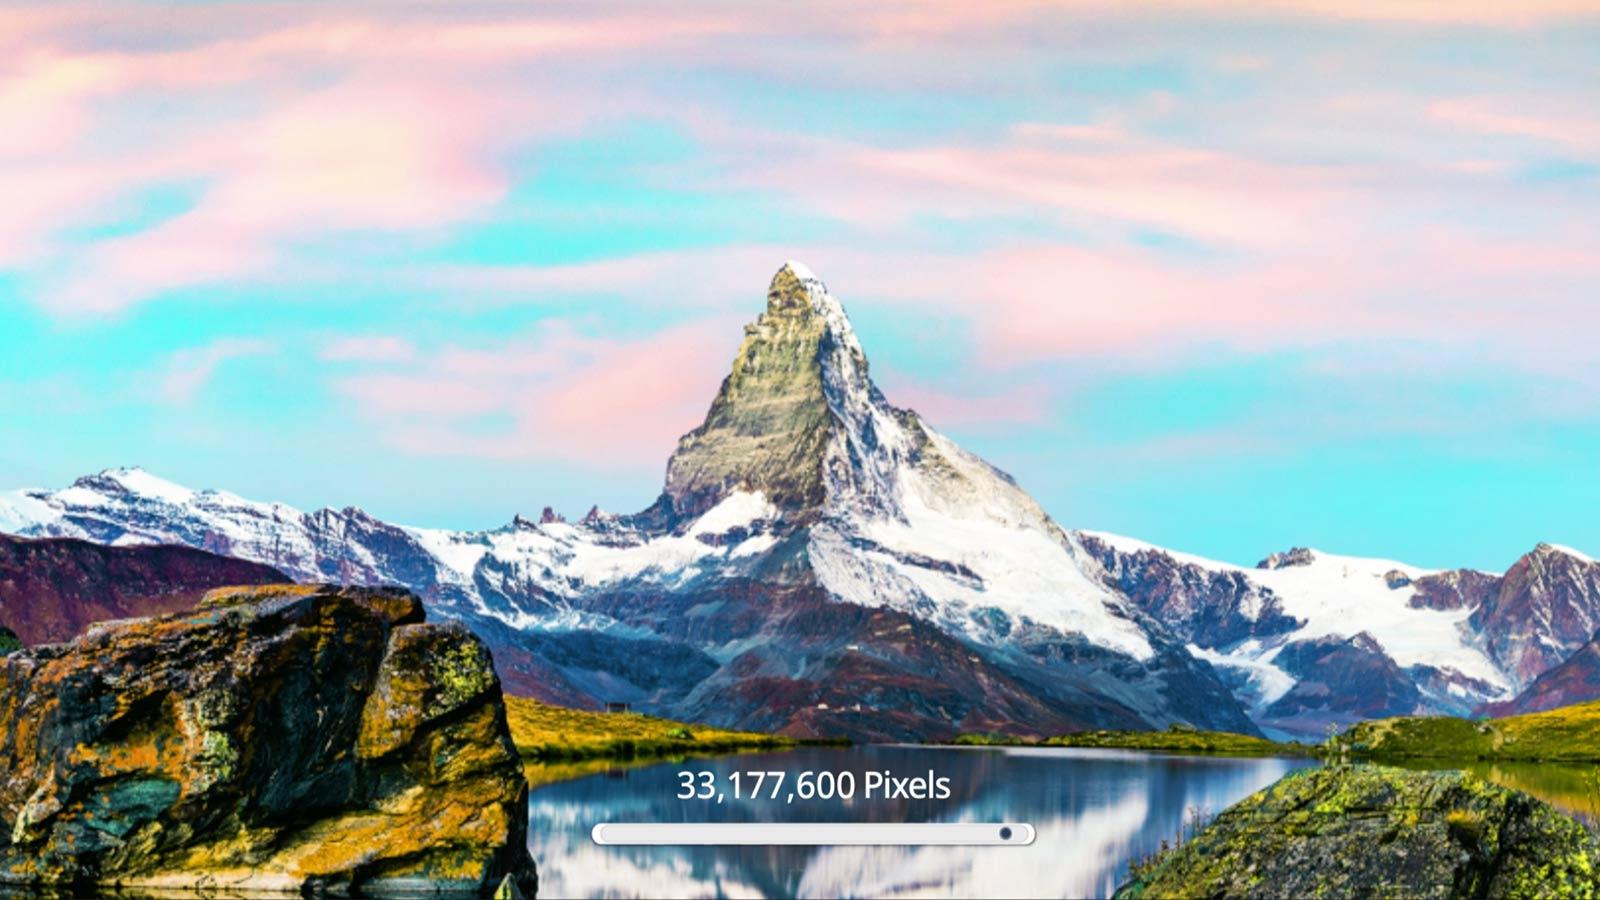 Изображение с горой, демонстрирующая улучшение качества изображения по мере увеличения количества пикселей до 33 177 600 при разрешении 8K (воспроизвести видео).